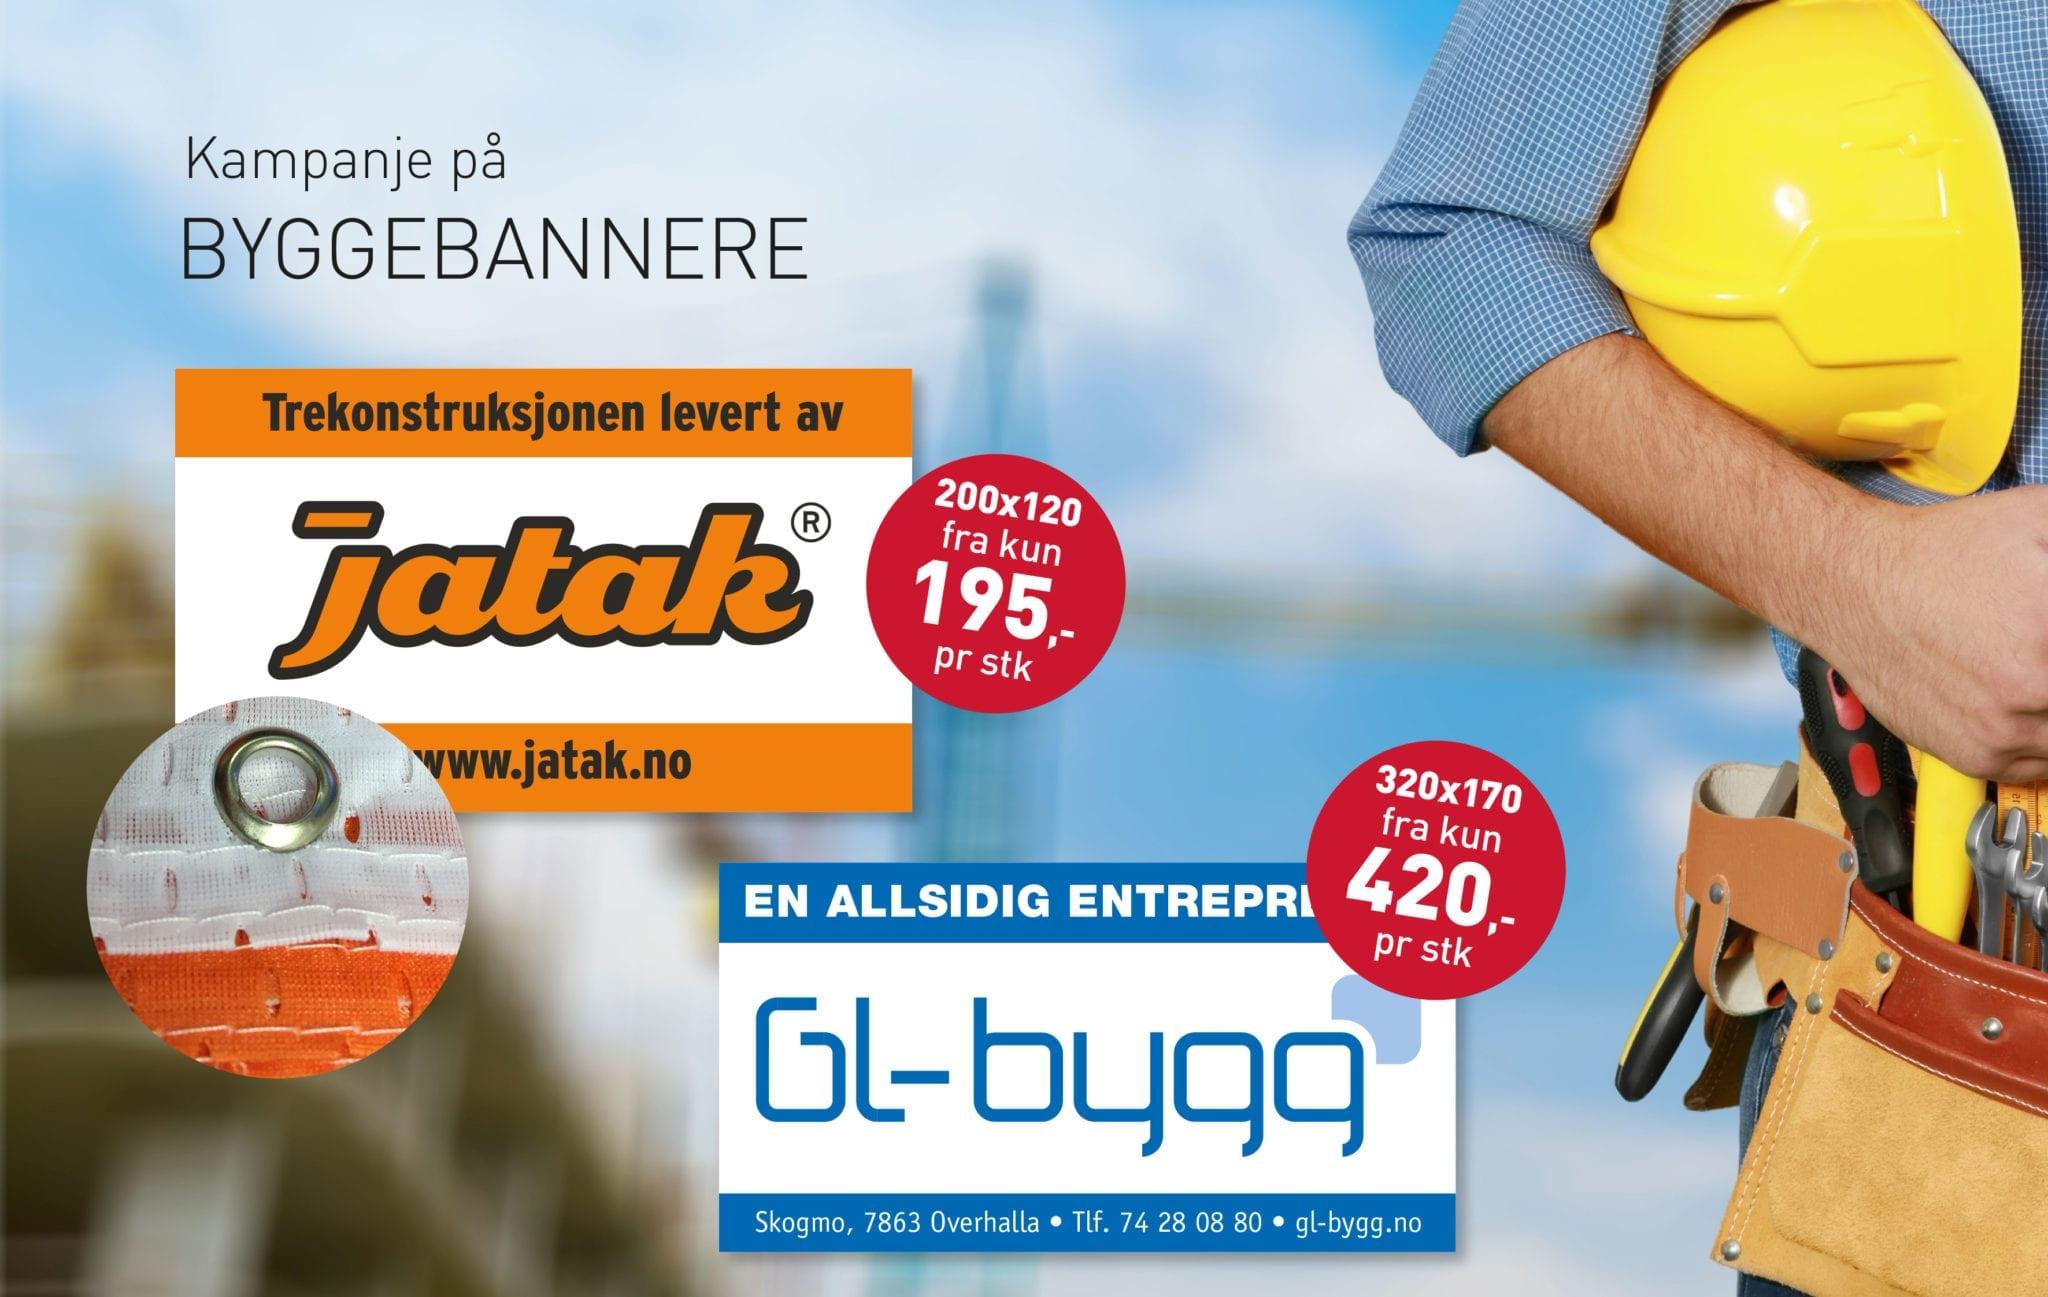 Annonsebilde av byggebannere - Allprofil AS - Trykksaker - Profilering - Klær - Digital skilting - Tjenester - Kontakt